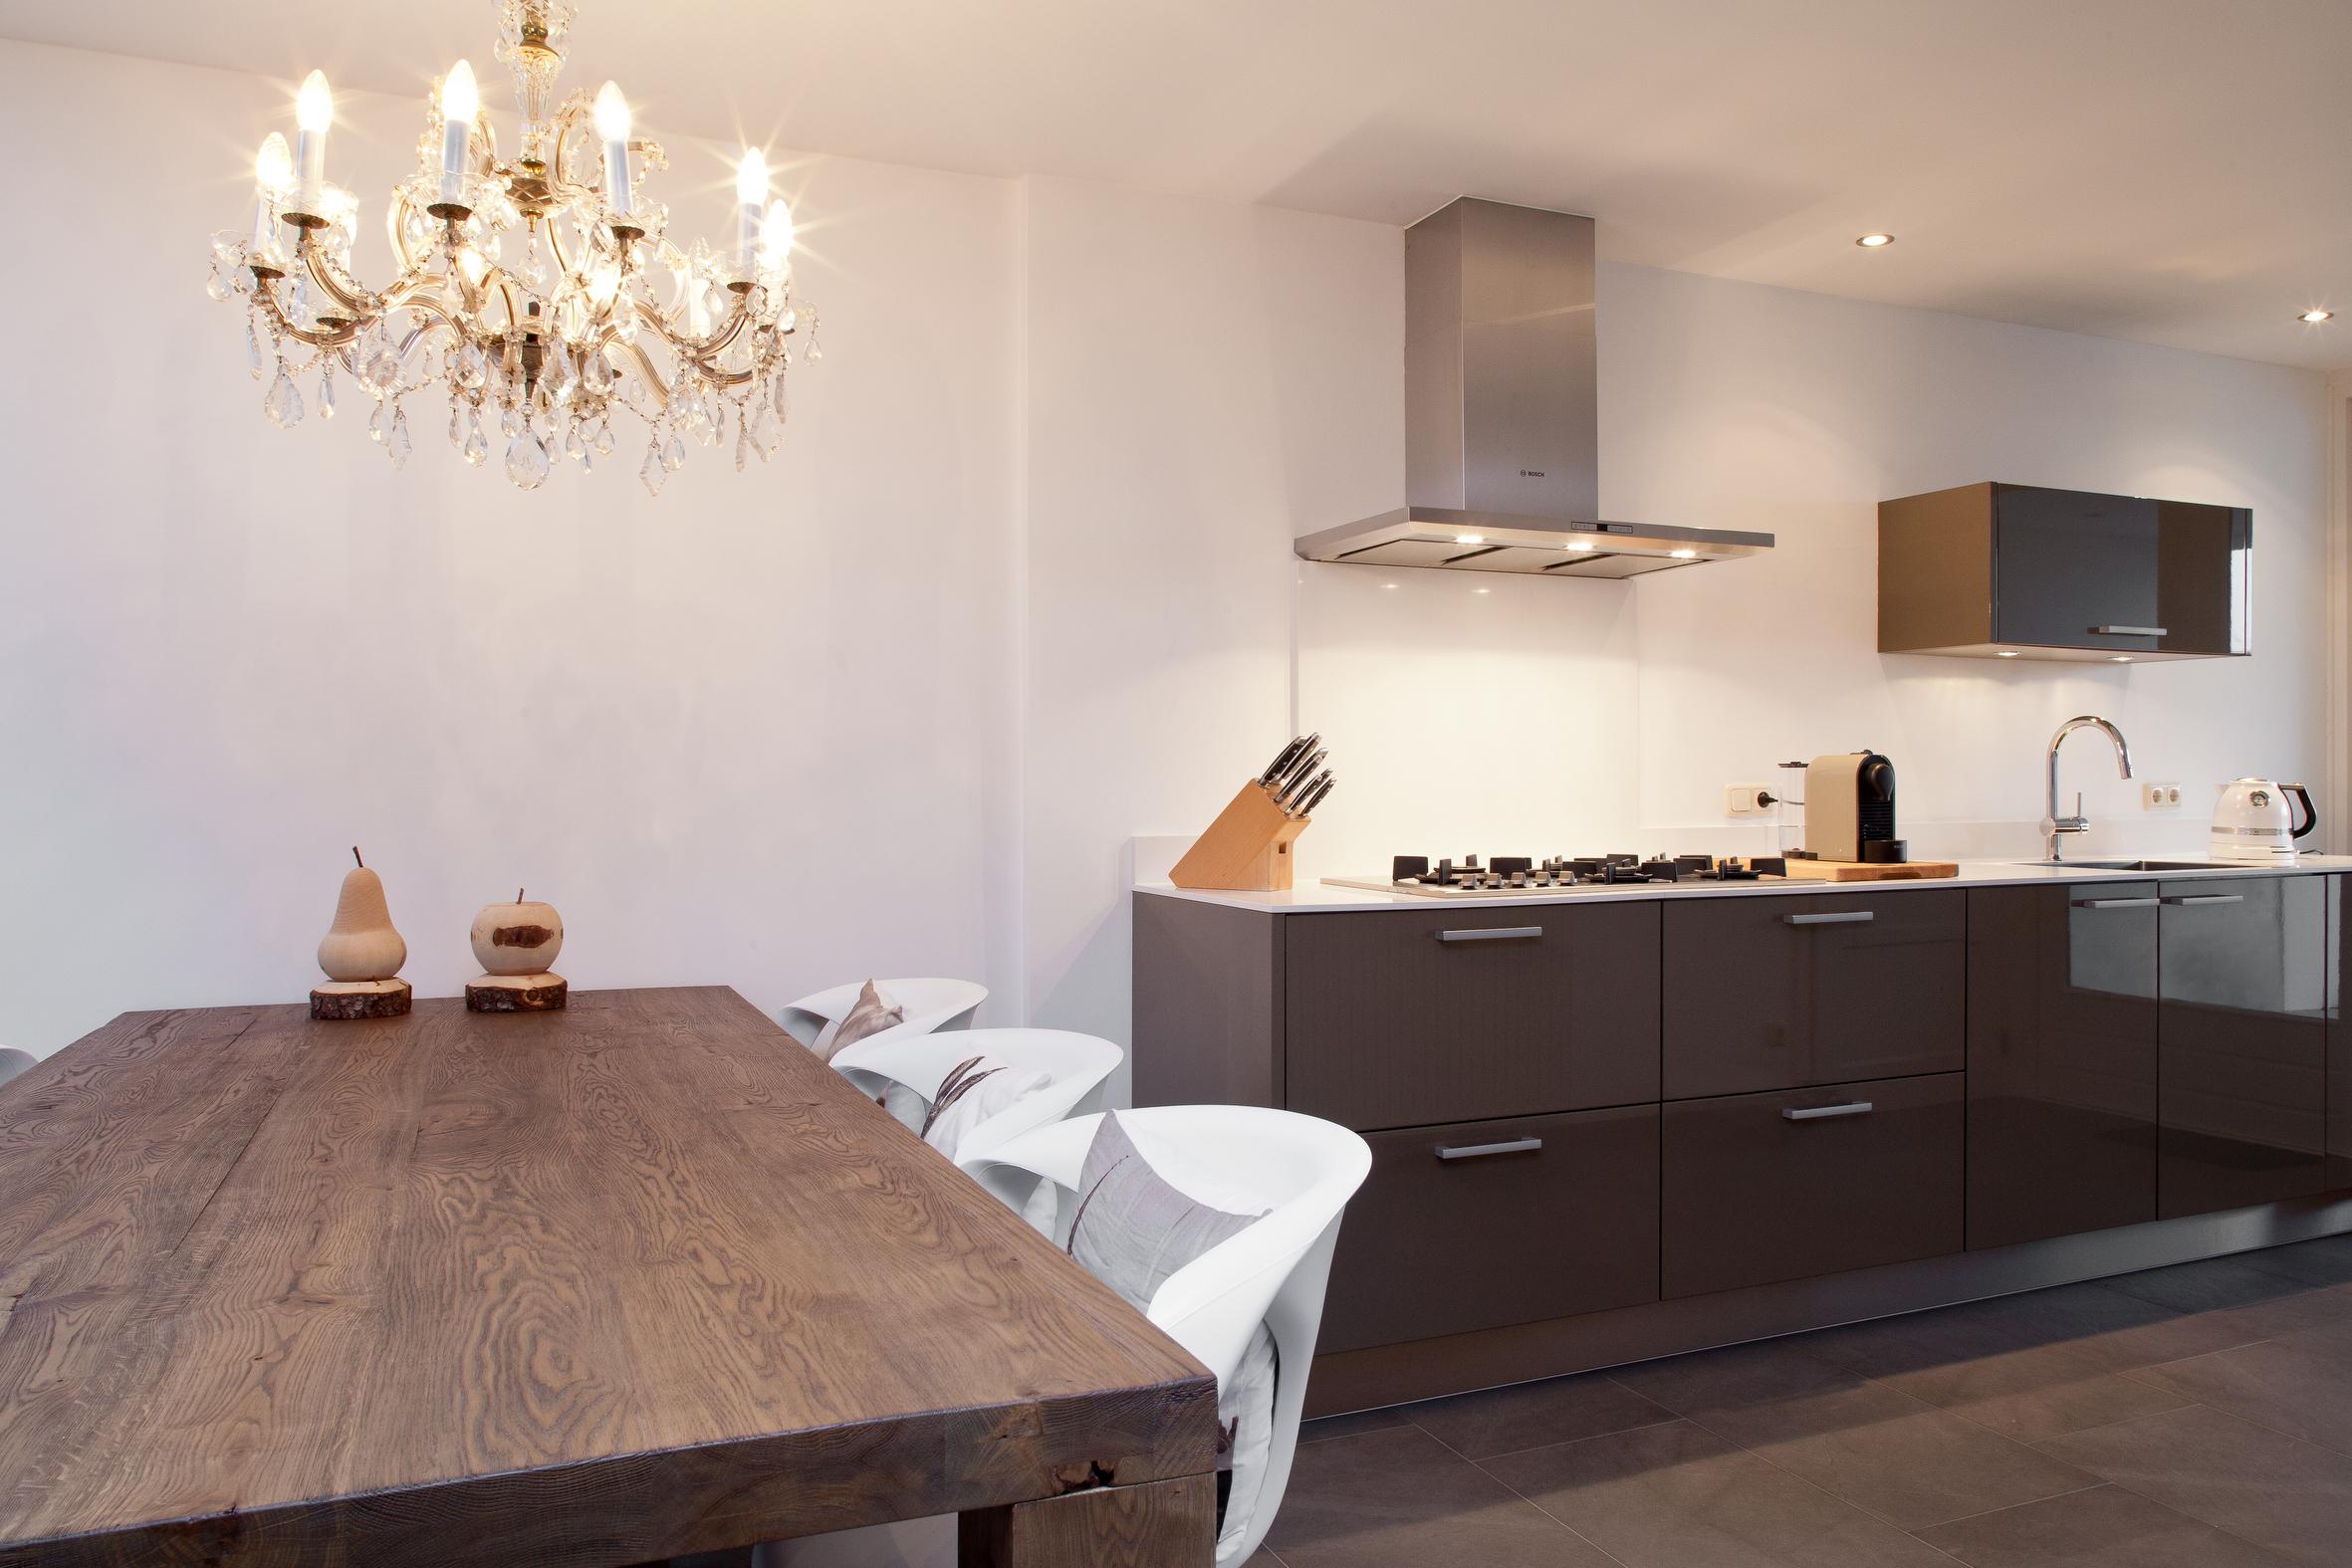 Keuken Design Maastricht : Onze projecten al dente design keukens maastricht